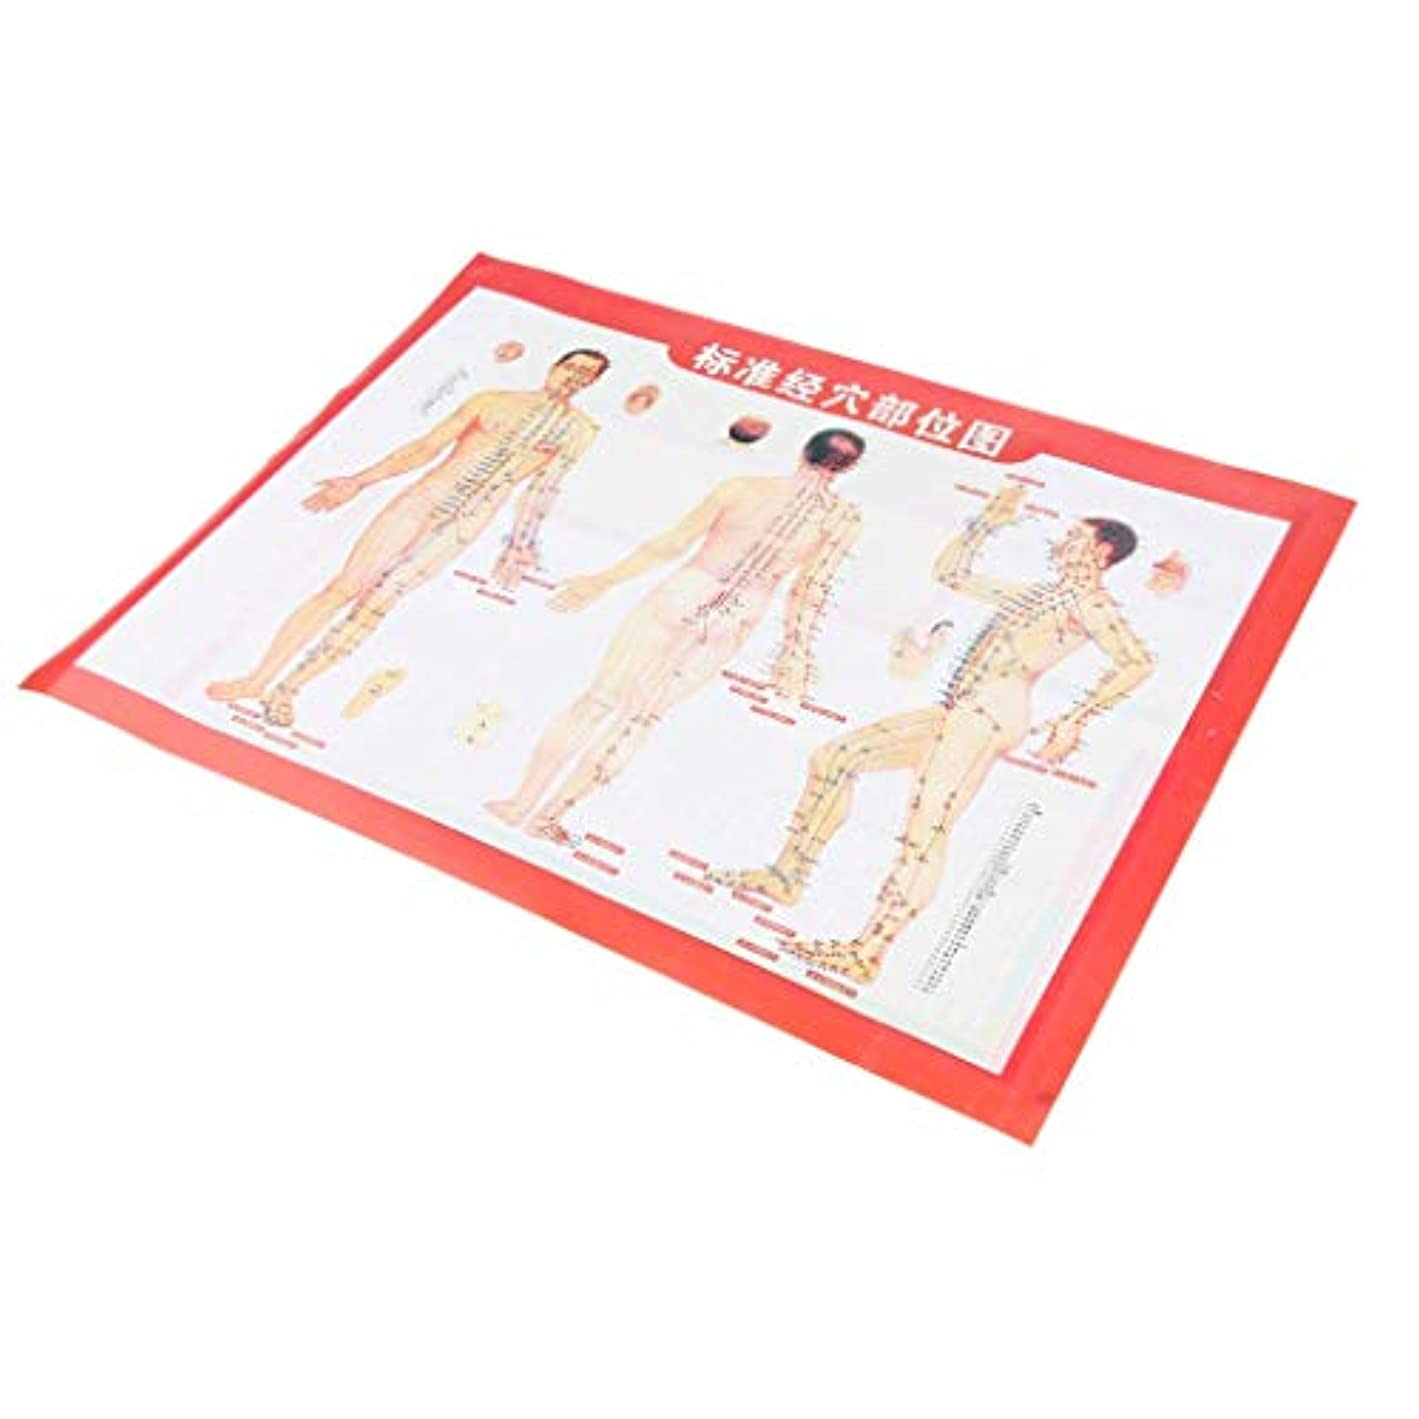 まっすぐ悲劇的なコマンド鍼灸 経絡 経穴図 ポスター 人体チャート 人体図 実用的 zhangs shop